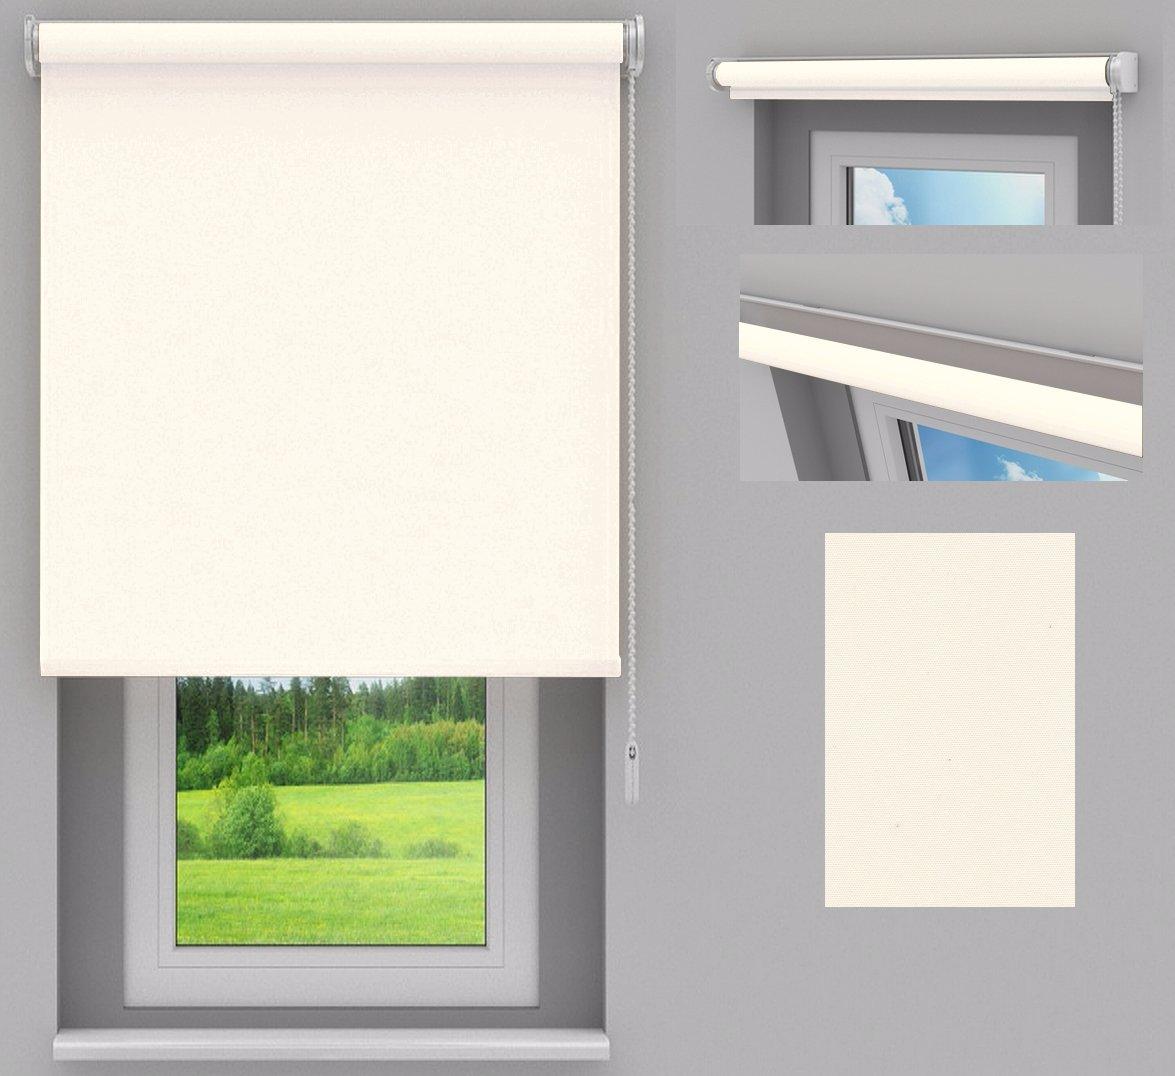 SUNLUX24 Rollo Basic auf Maß   Stoff  Beige(ROB007)   Systemfarbe  Weiß   Montage  Wand-, oder Deckenmontage   Breite 130,1 bis 140cm x Höhe 260,1 bis 270cm